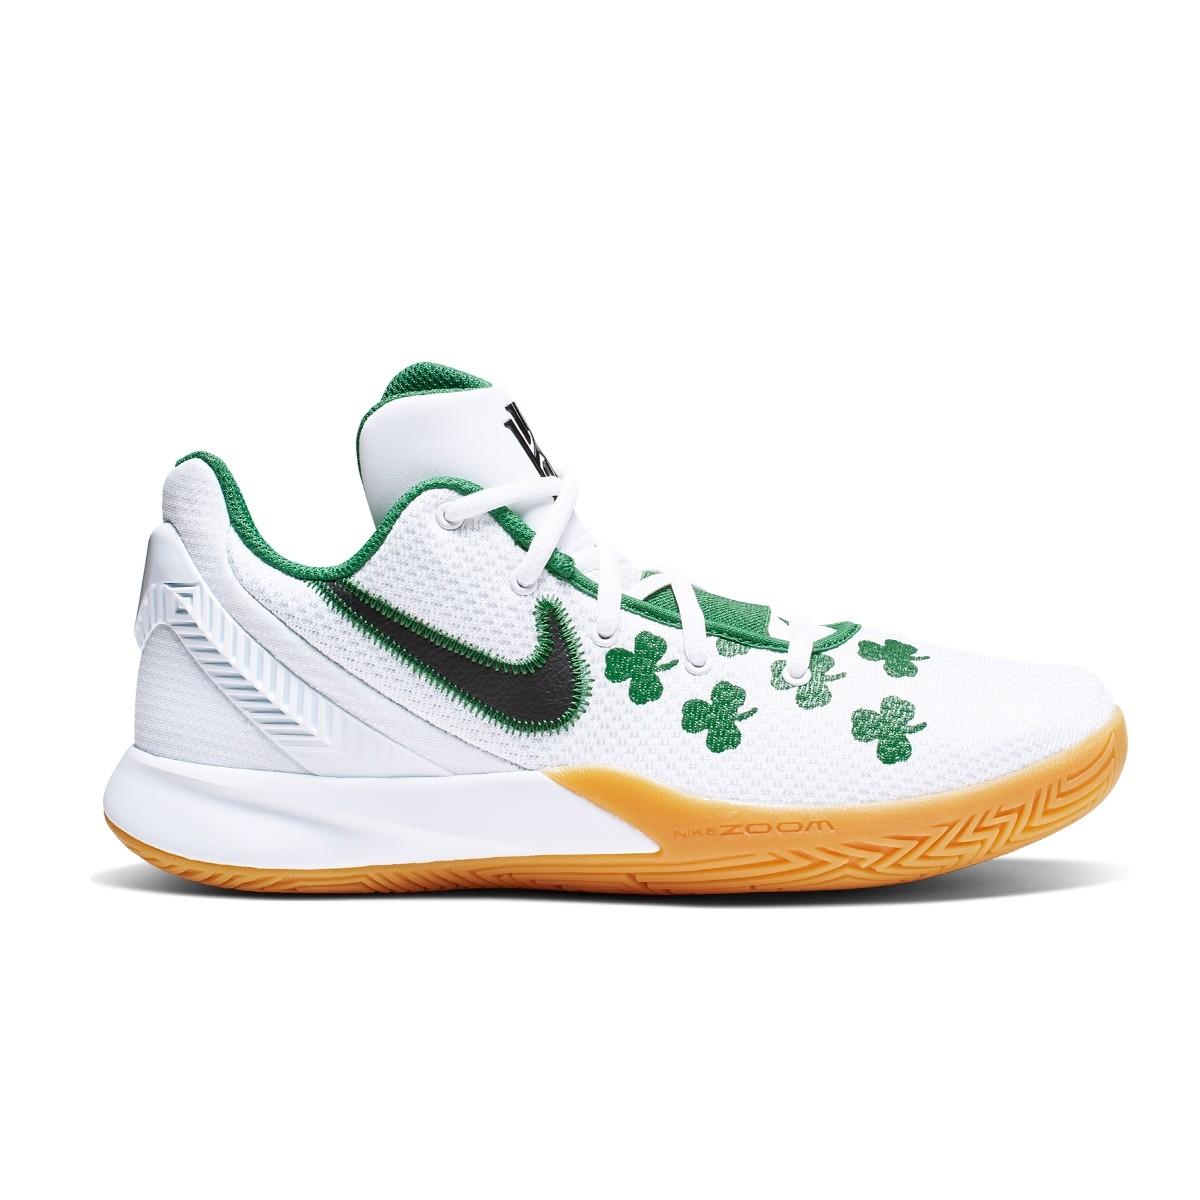 Nike Kyrie Flytrap II 'Celtics'